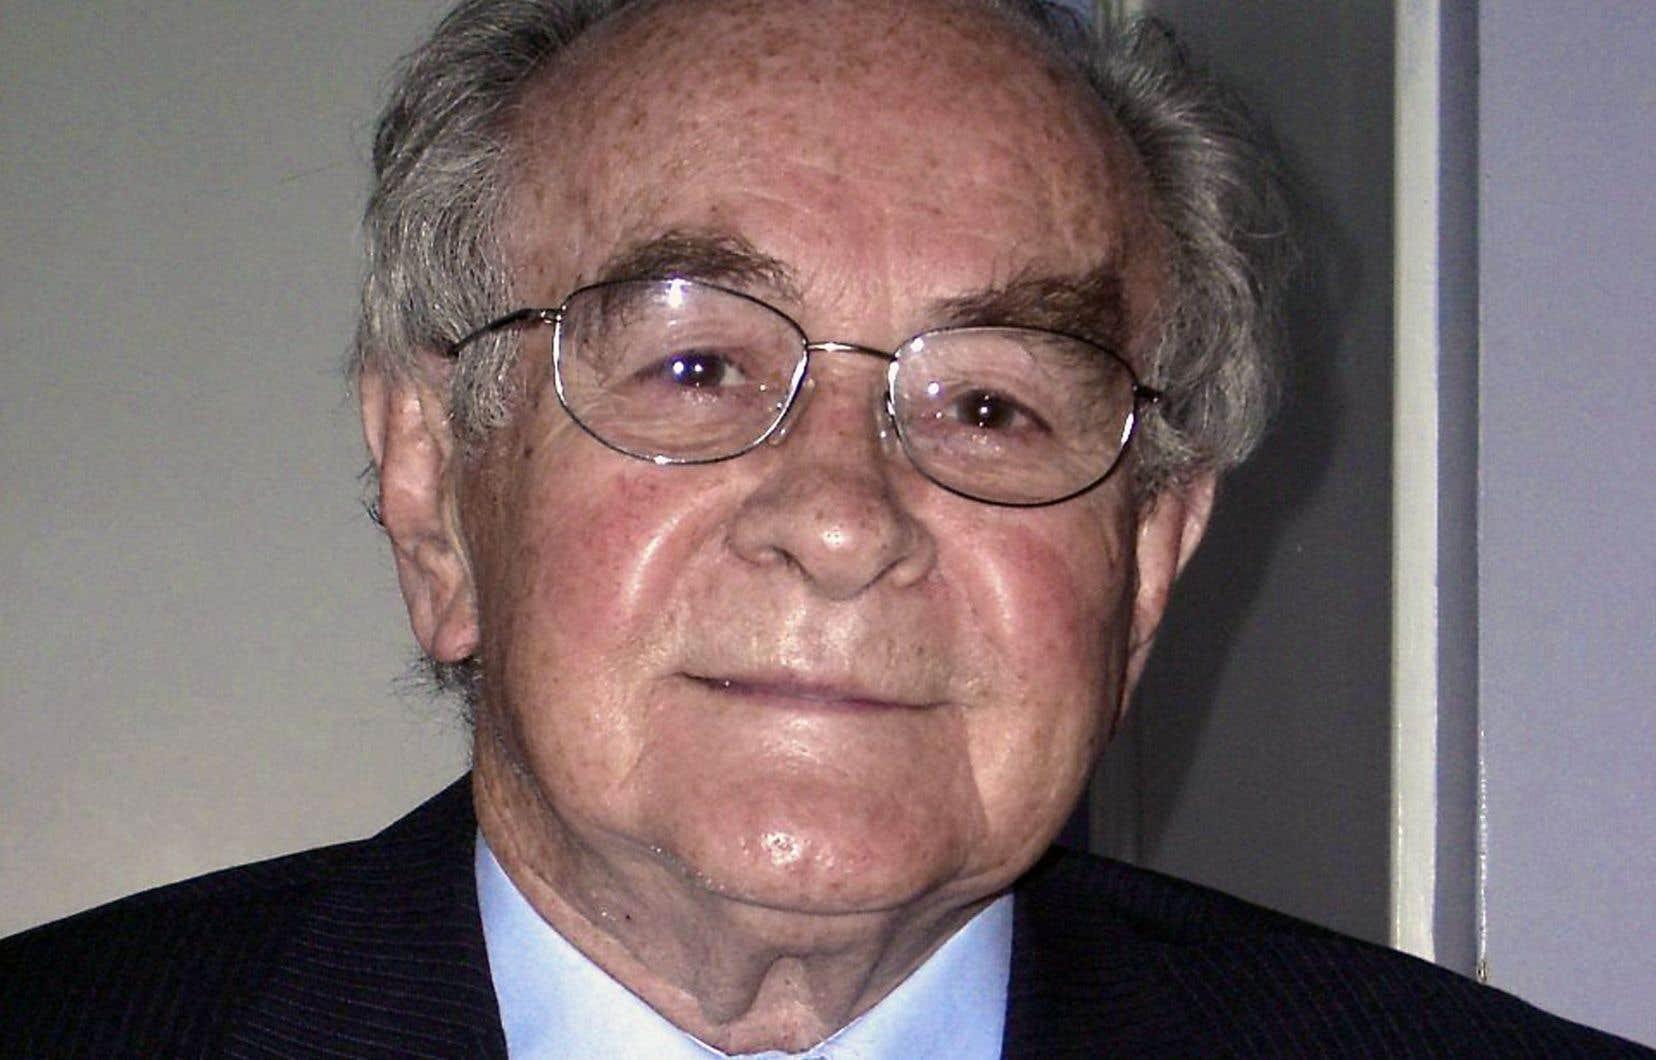 L'historien Denis Vaugeois, qui lui a succédé à la tête des deux ministères, se souvient d'un homme politique atypique dont les convictions étaient inaltérables.